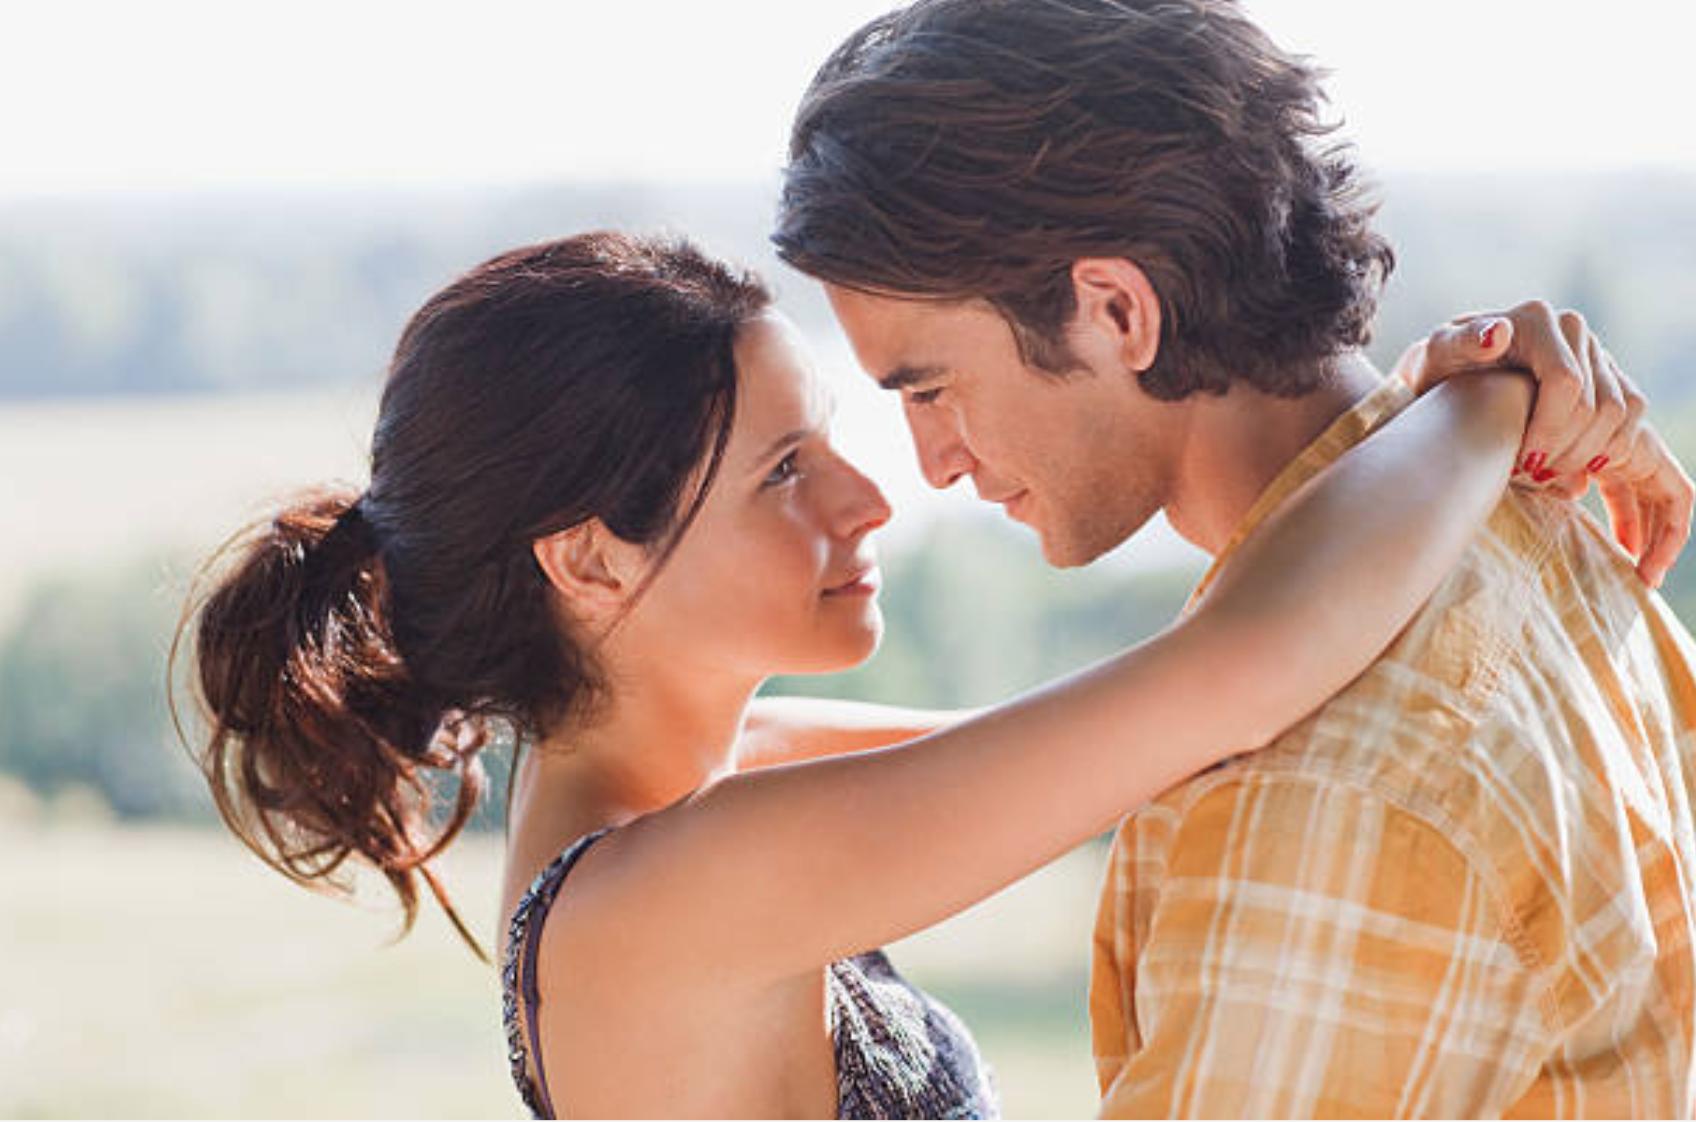 Biết rõ 5 điều sau, vợ chồng trọn đời hạnh phúc - 1